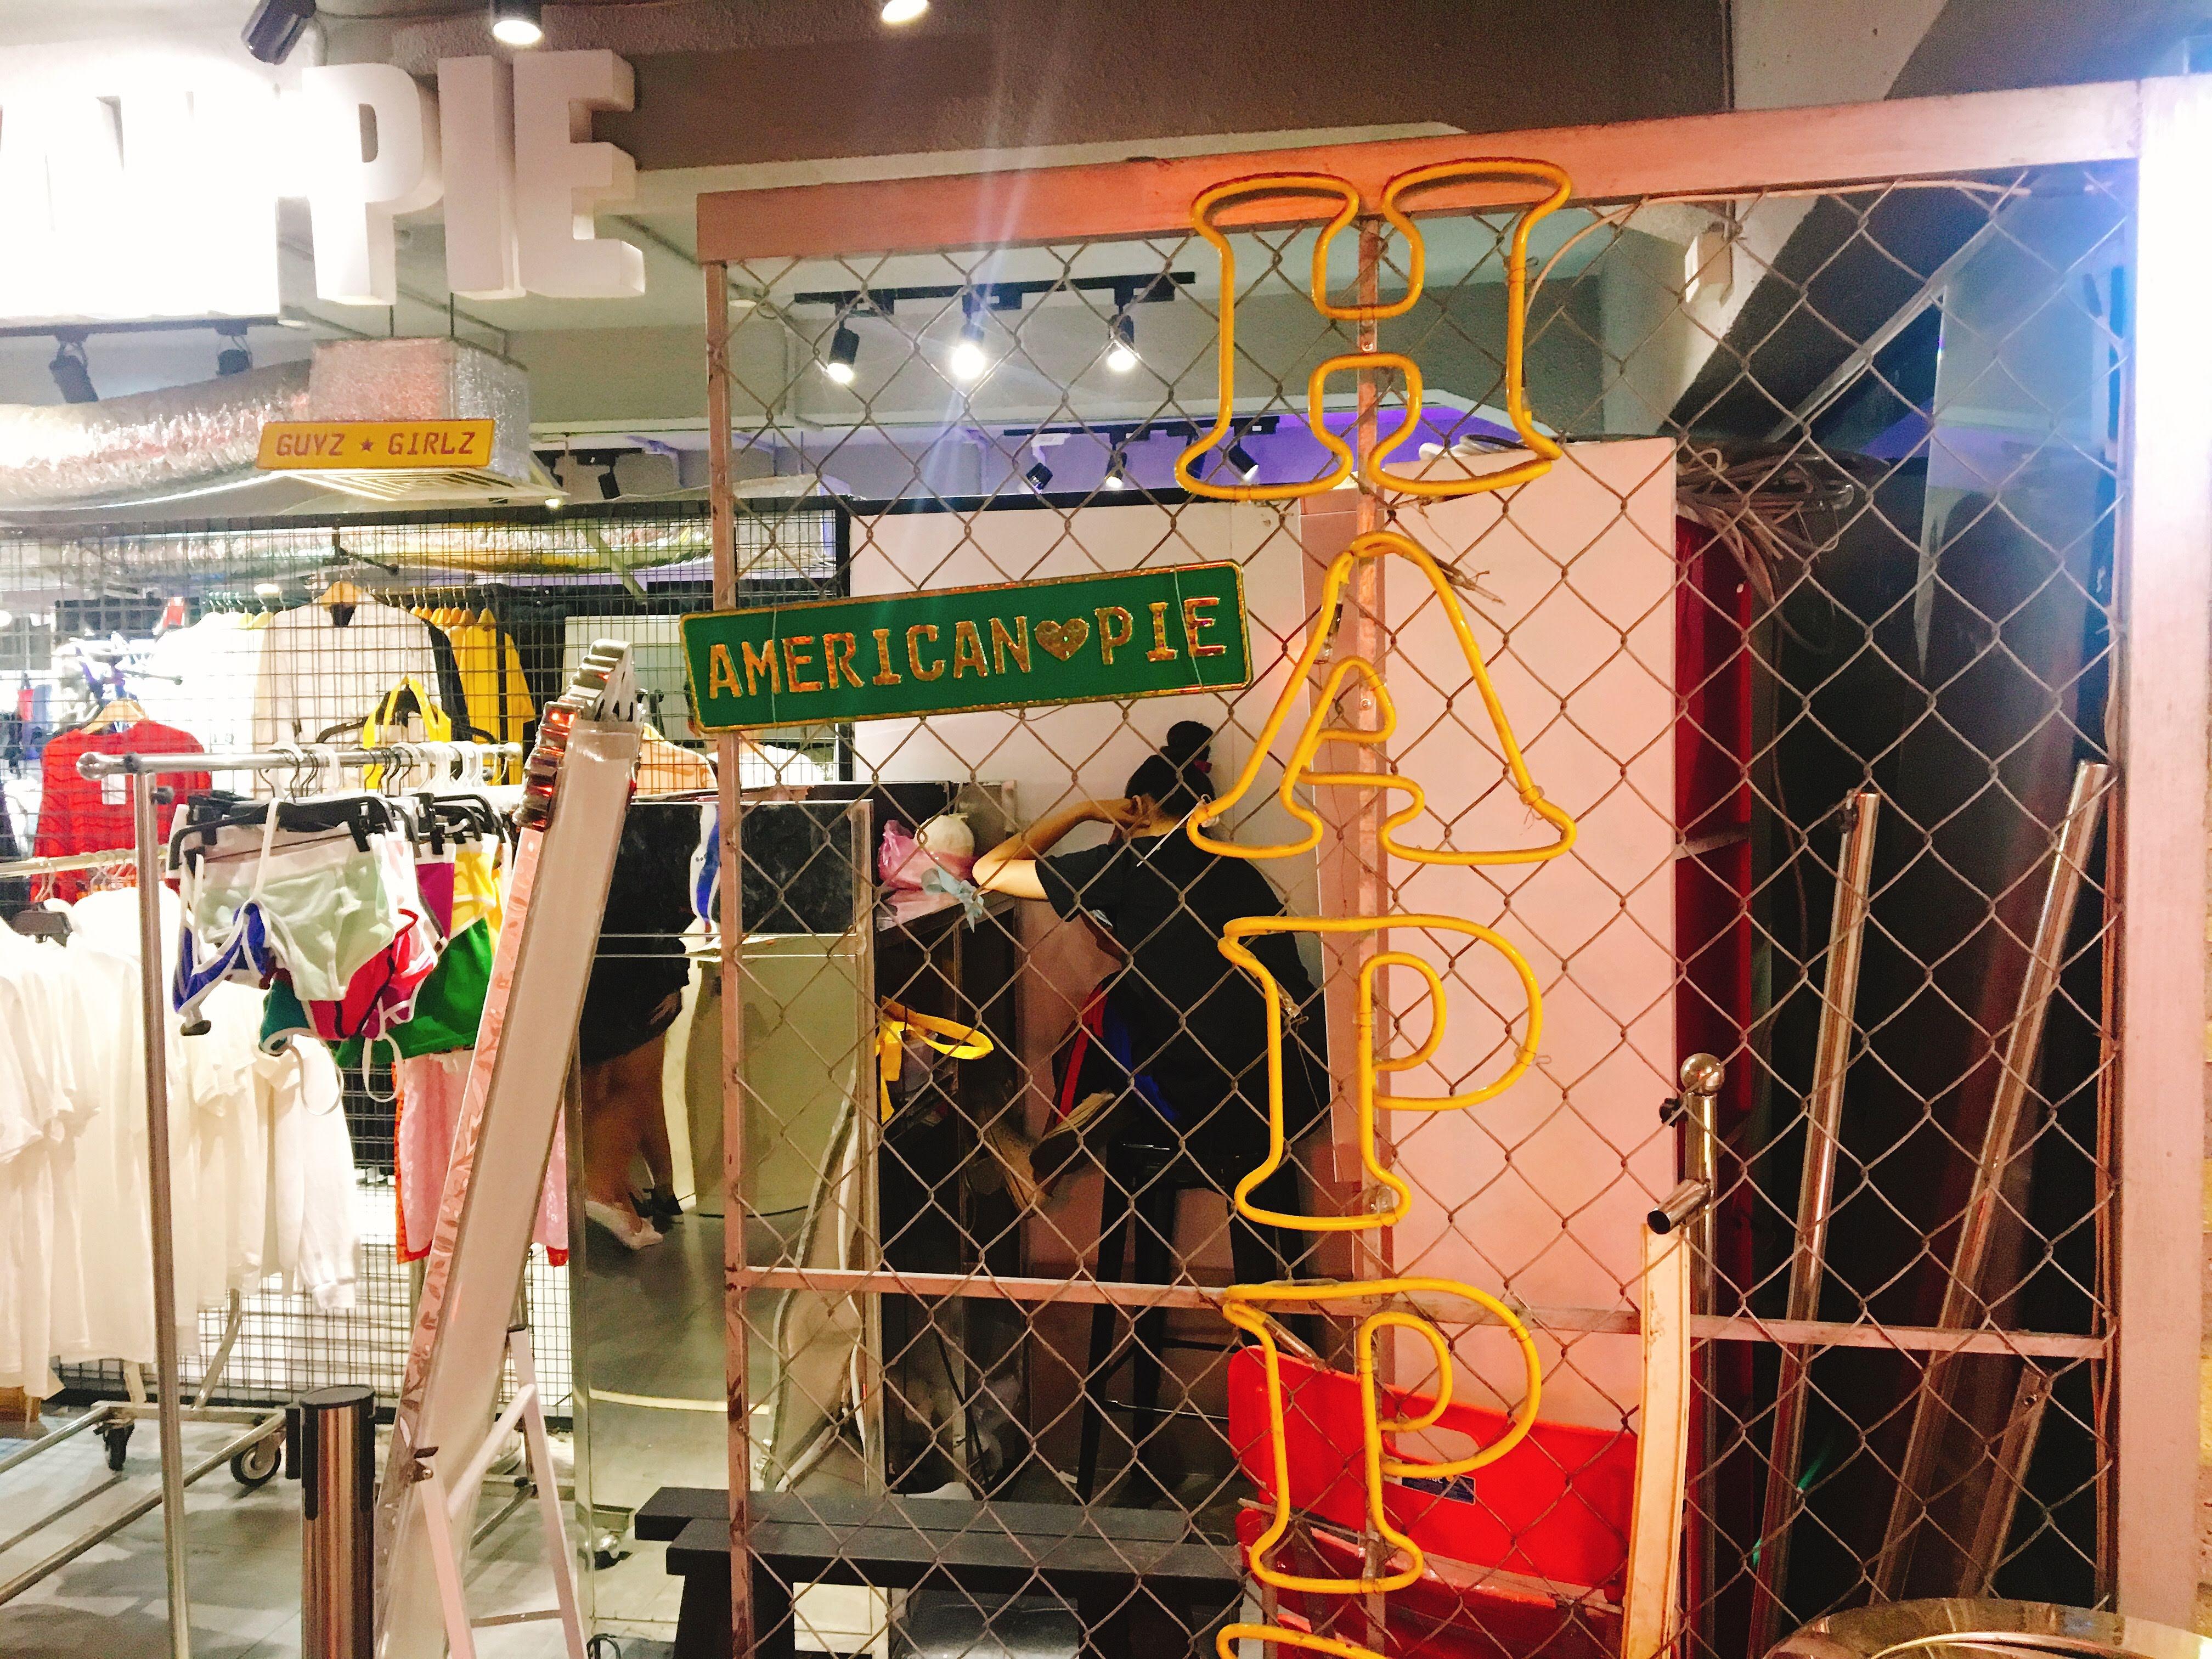 ホーチミンには地下ファッション街が存在する!? 買い物にピッタリのトレンドスポットを紹介